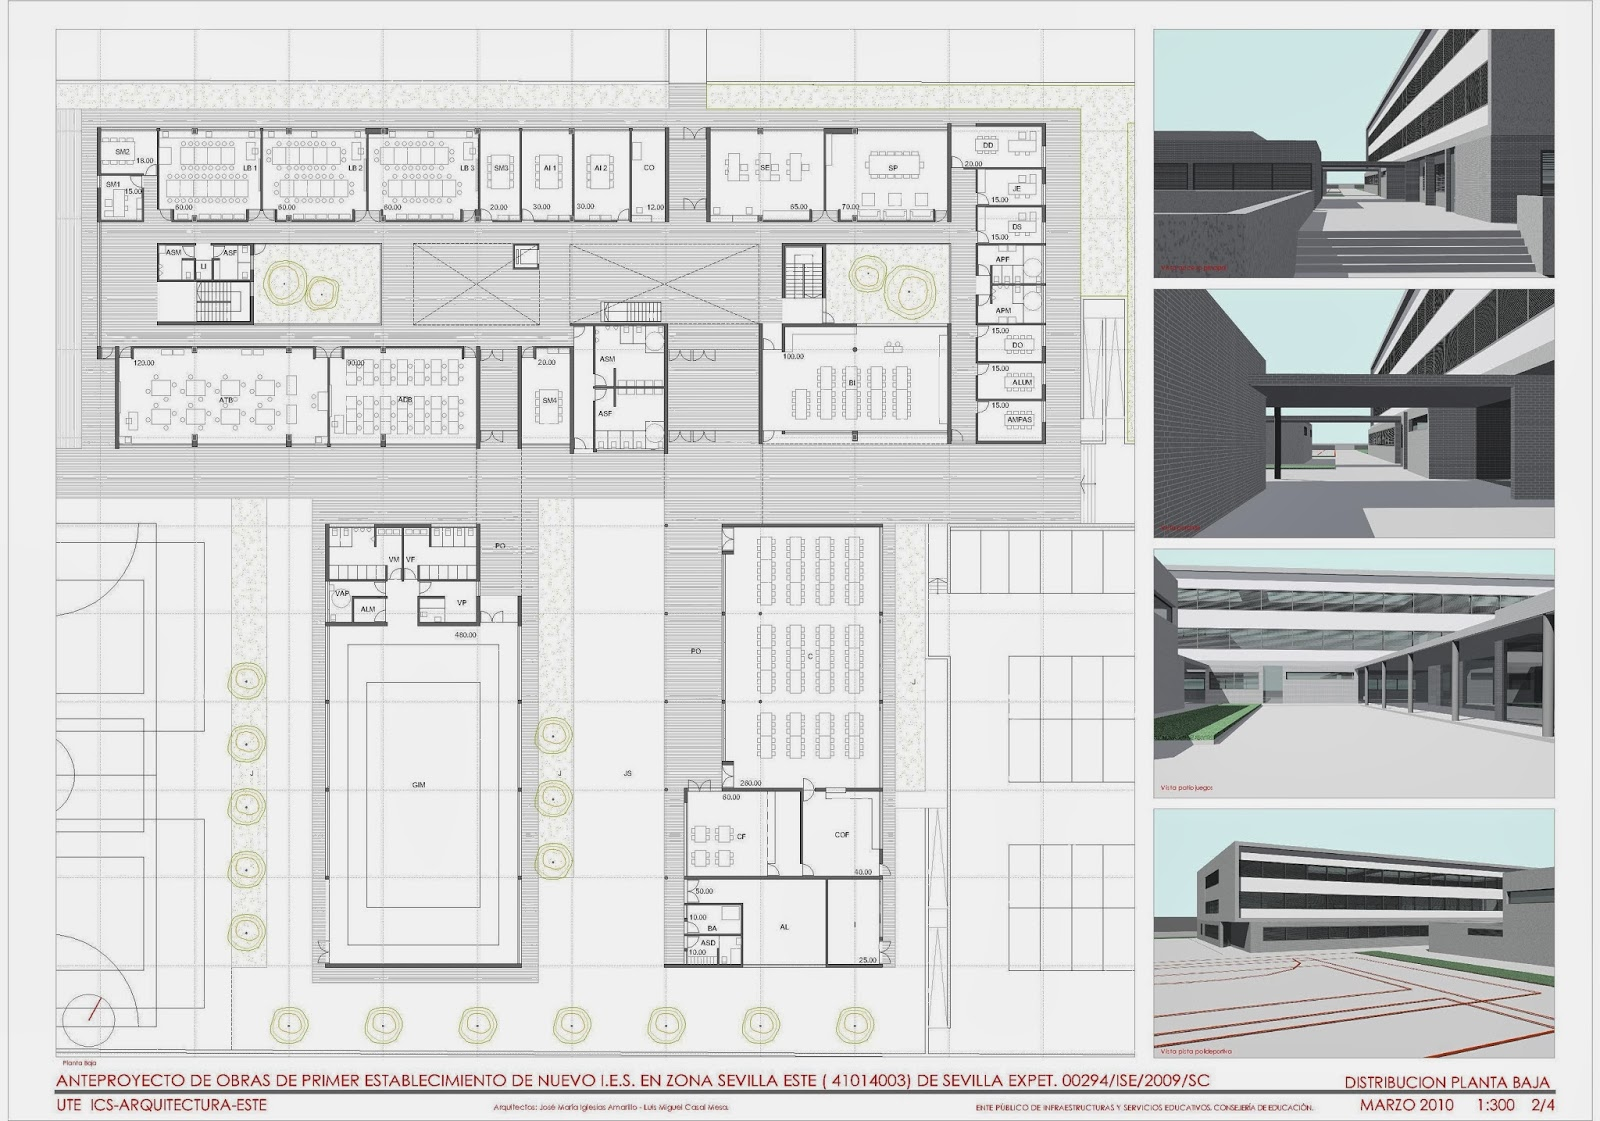 Luis miguel casal mesa arquitecto architekt - Mesa de arquitecto ...